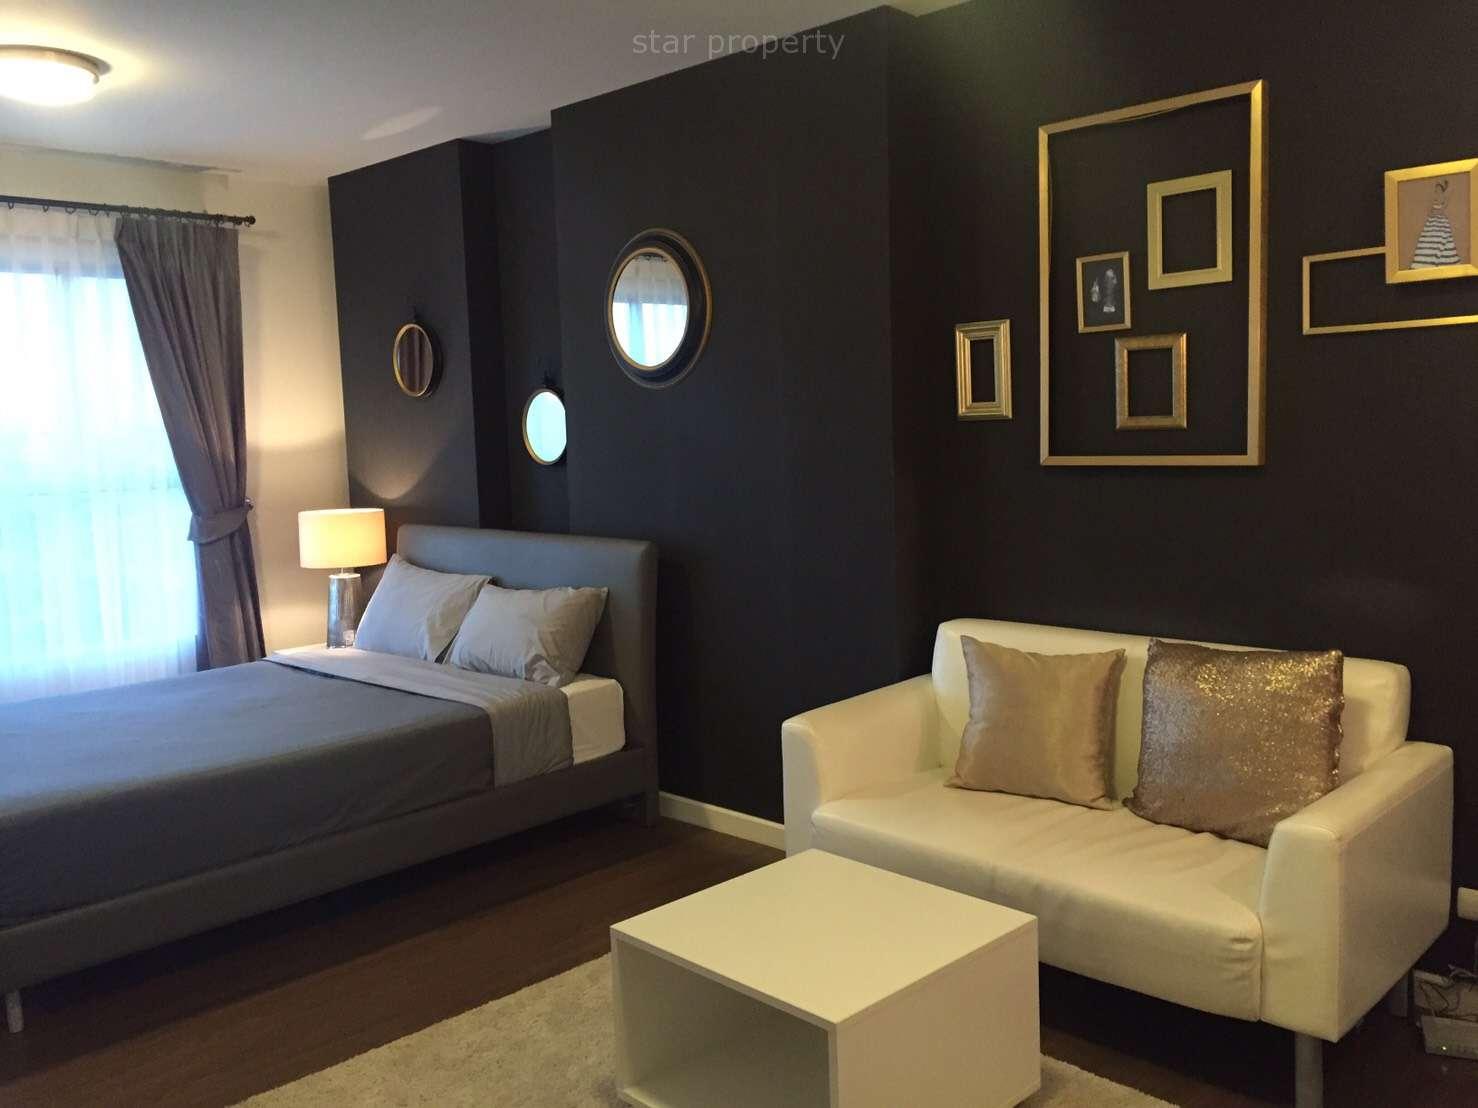 Condominium in Hua Hin for Sale at Baan Kiang Fah Condominium, 23